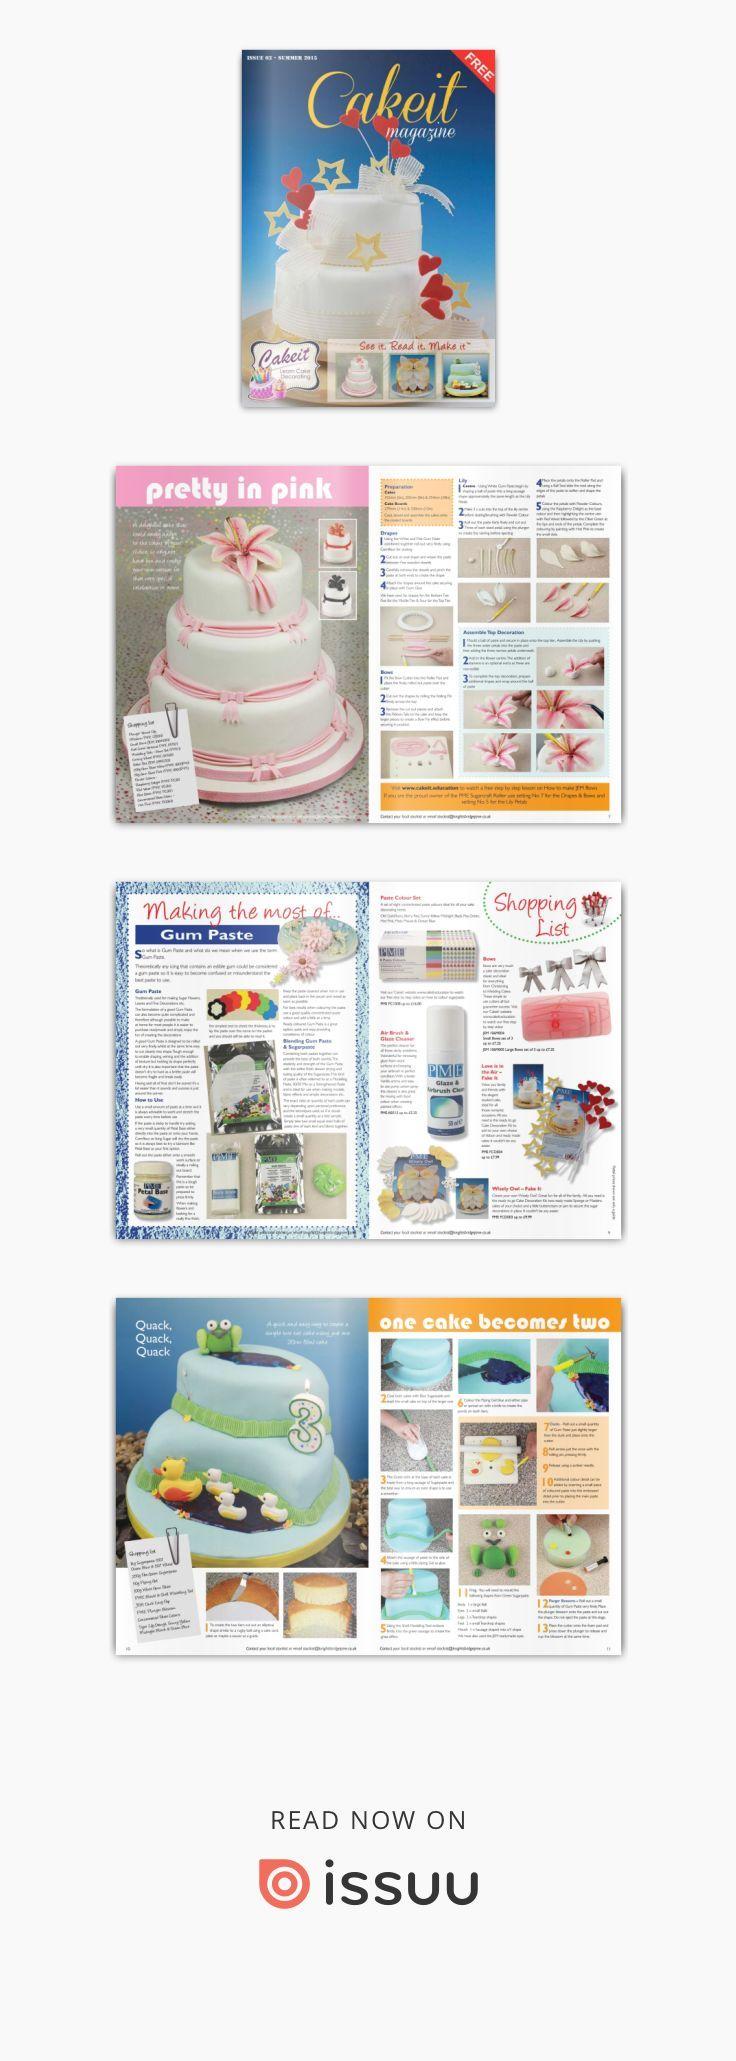 Cakeit 03 - Revista Cake Design Gratuita  A Cakeit magazine é uma revista gratuita da Pme , da qual a Pasgelpan é distribuidor em Portugal. Encontra os produtos em www.pasgelpan.com